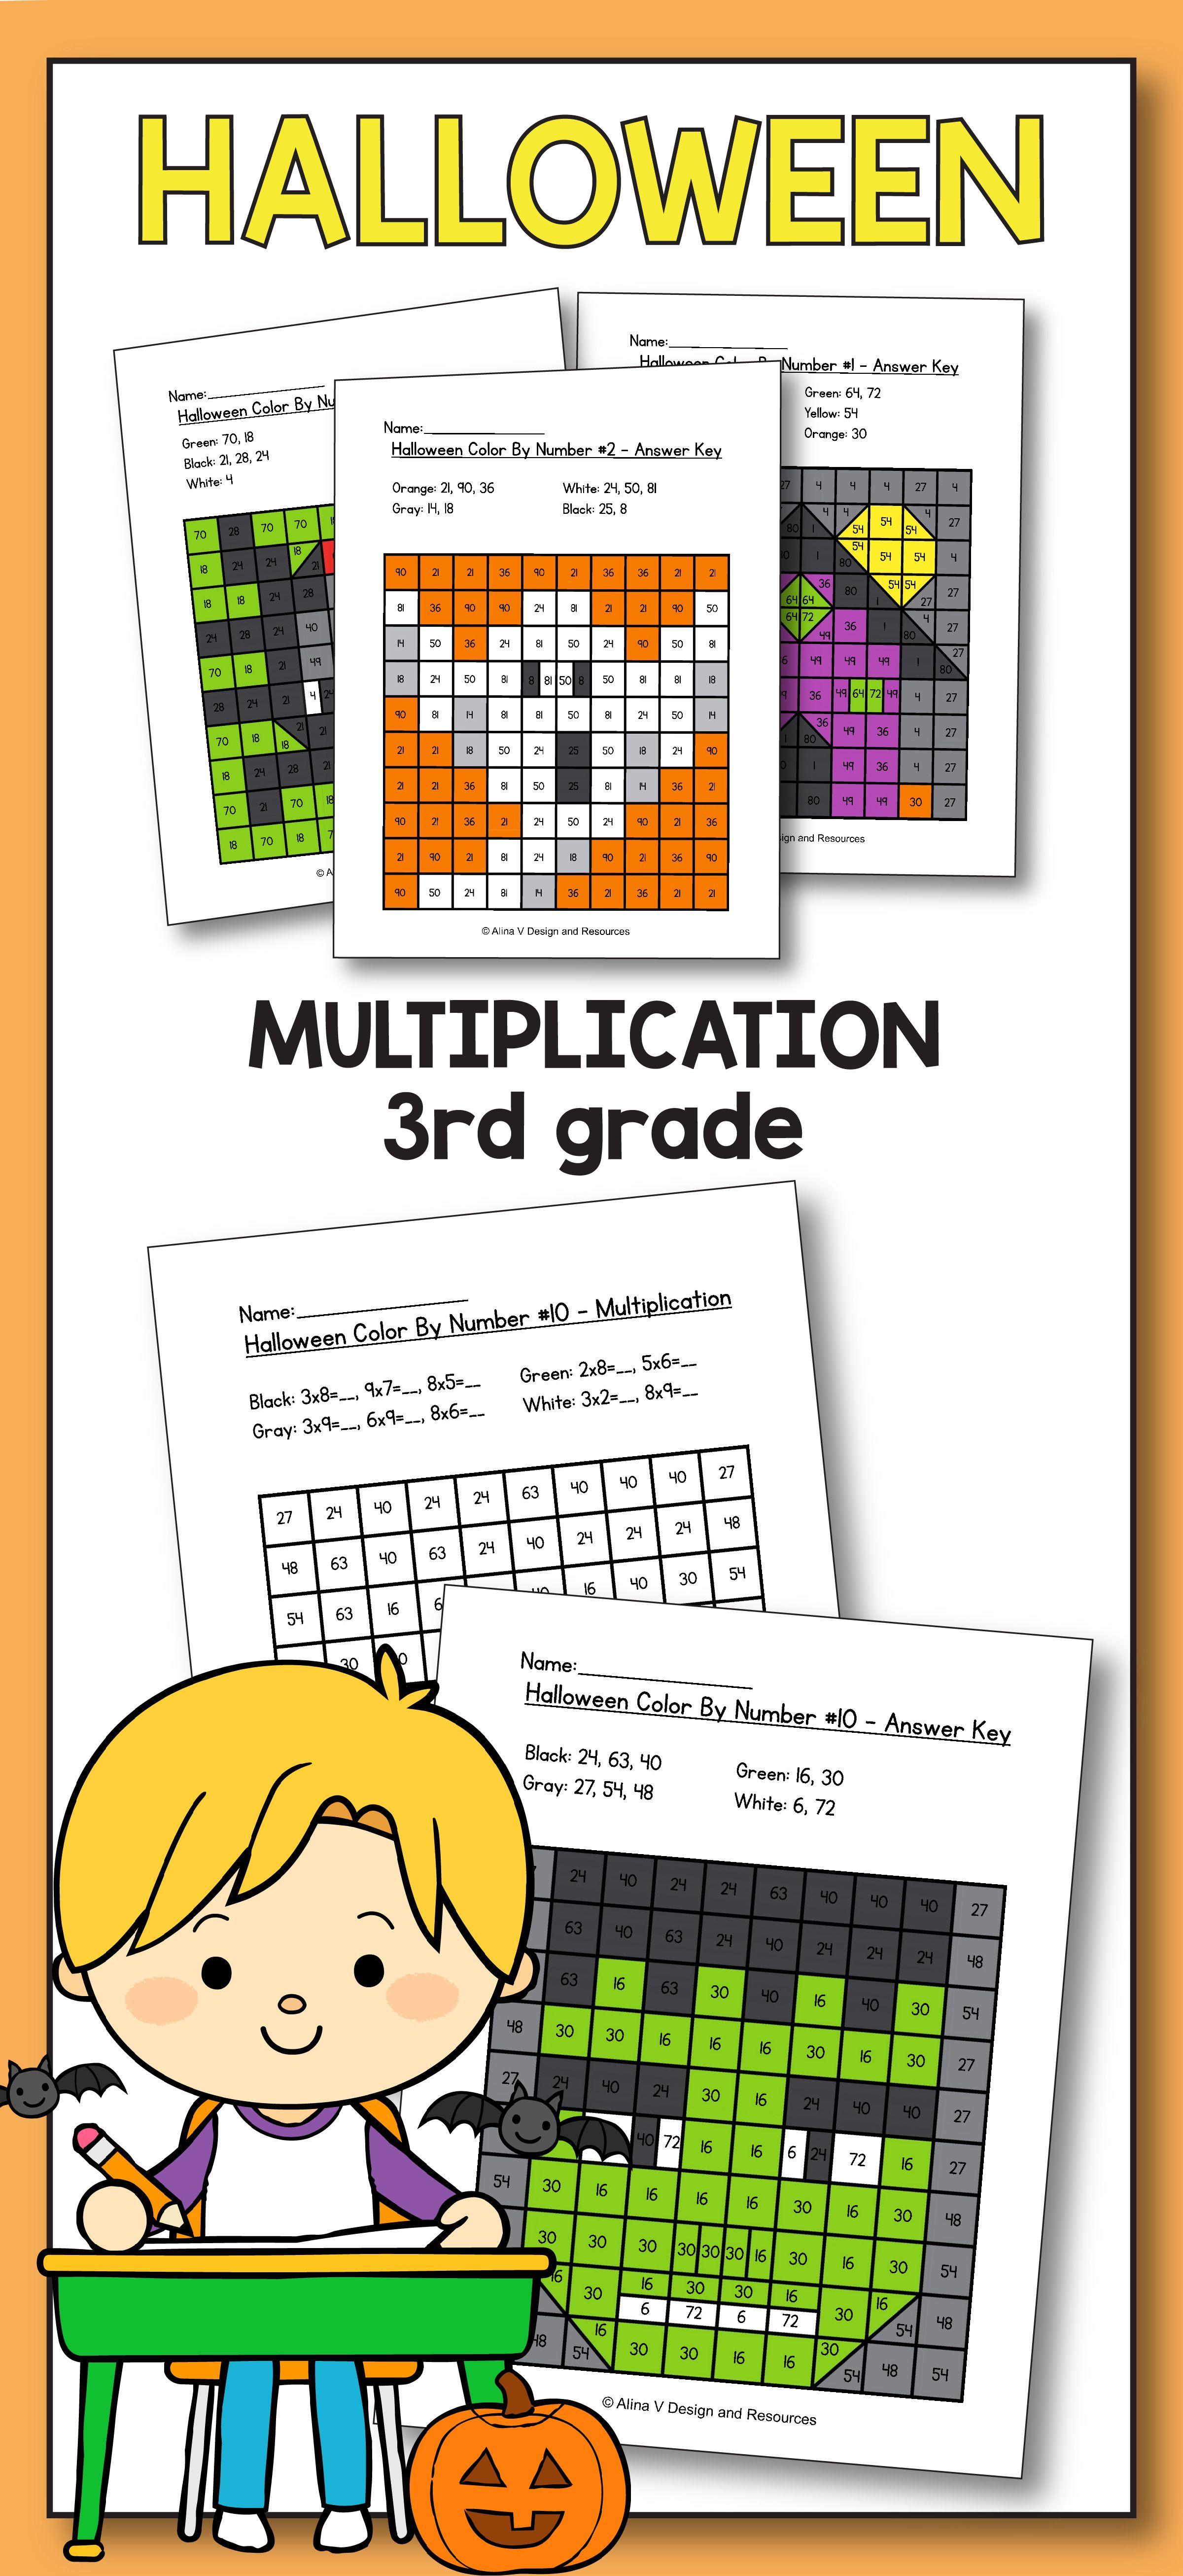 Halloween Activities for 3rd Grade - Halloween Multiplication ...